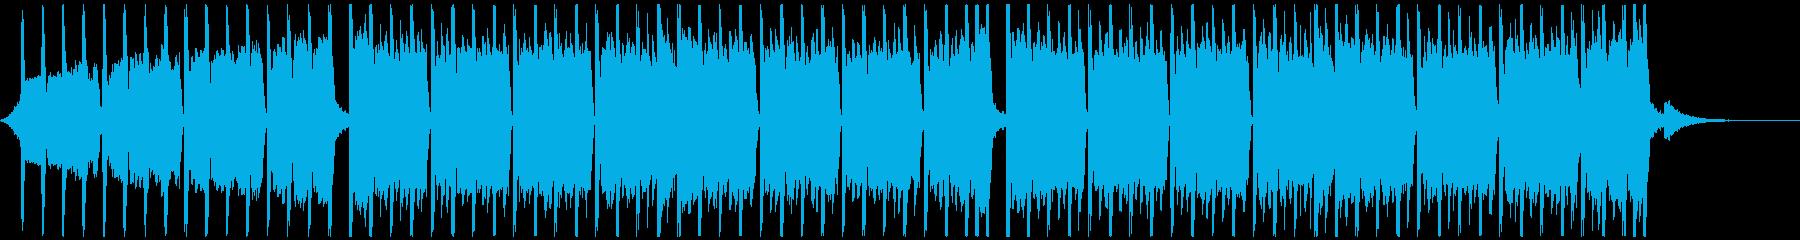 アクションスポーツ(52秒)の再生済みの波形